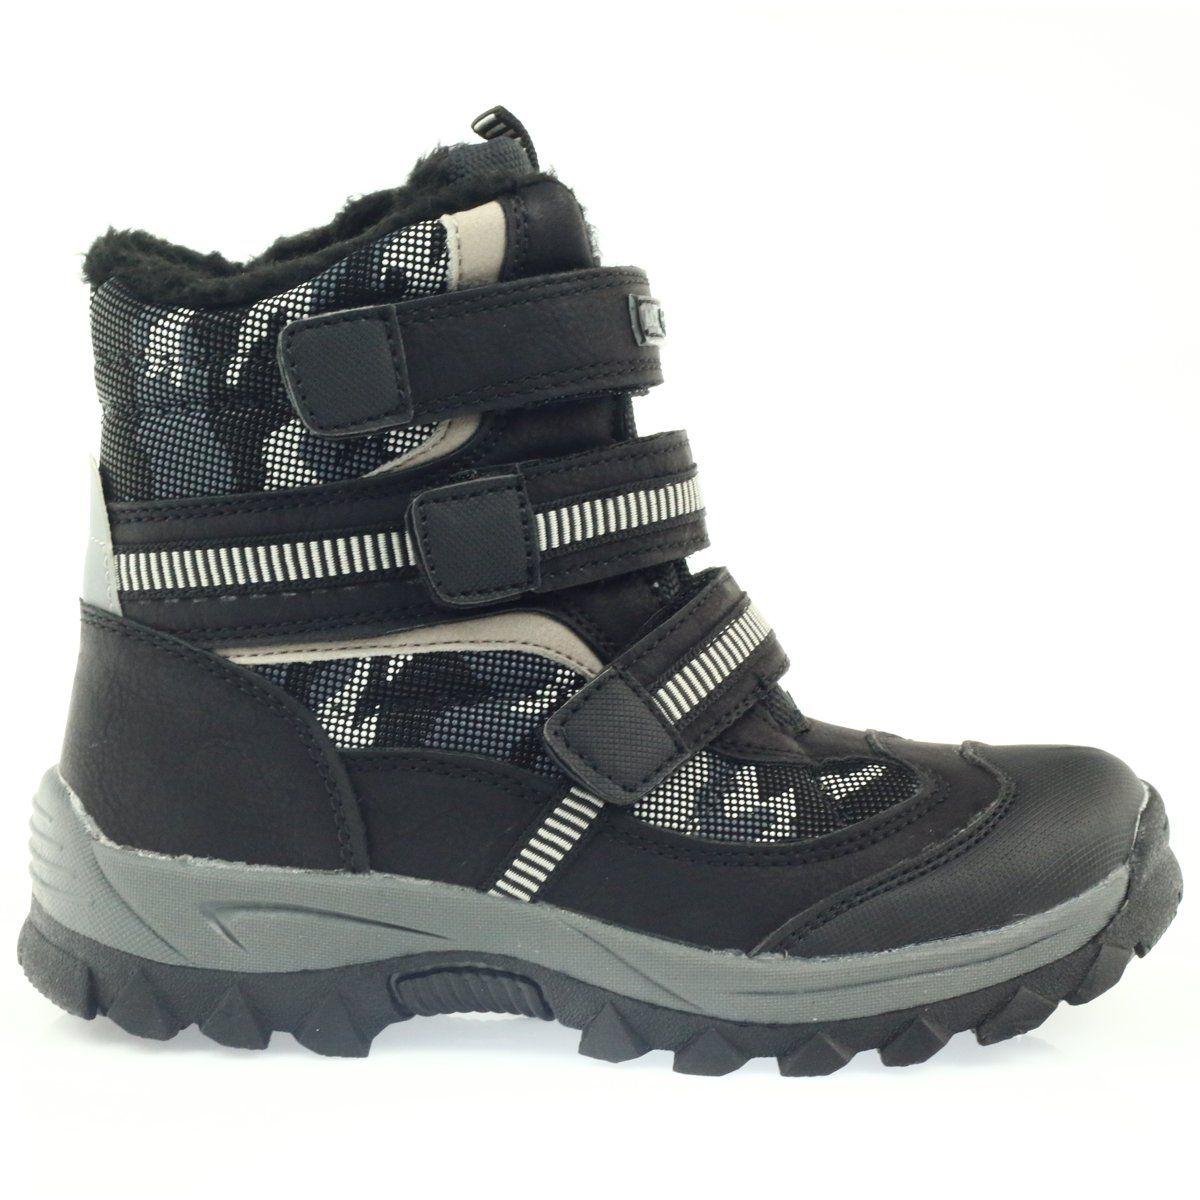 American Club American Kozaki Trzewiki Buty Zimowe 87433 Czarne Biale Szare Shoes Puma Fierce Sneaker Boots